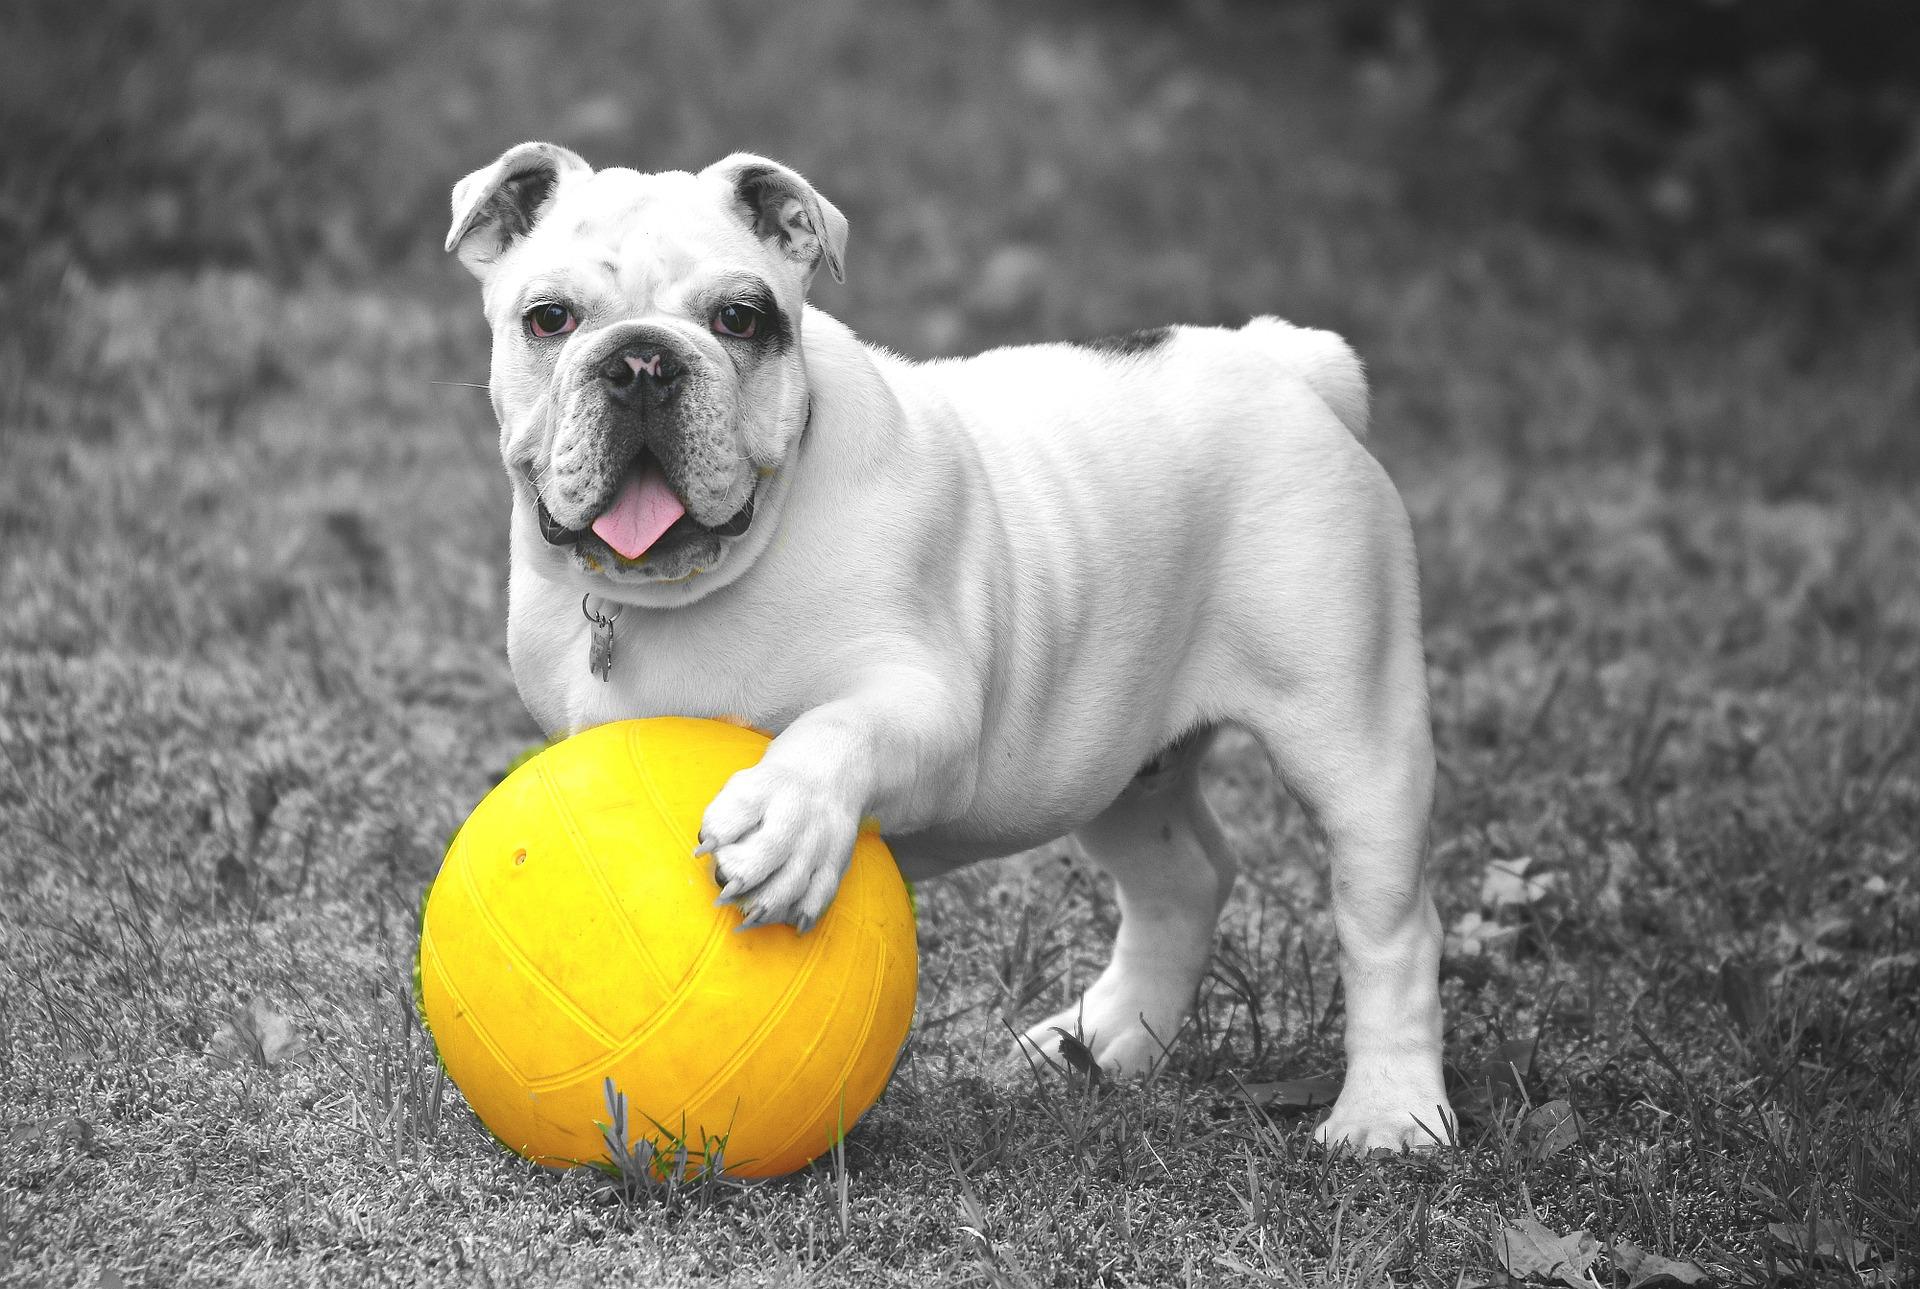 狗, 球, 宠物, 在黑色和白色, 游戏 - 高清壁纸 - 教授-falken.com